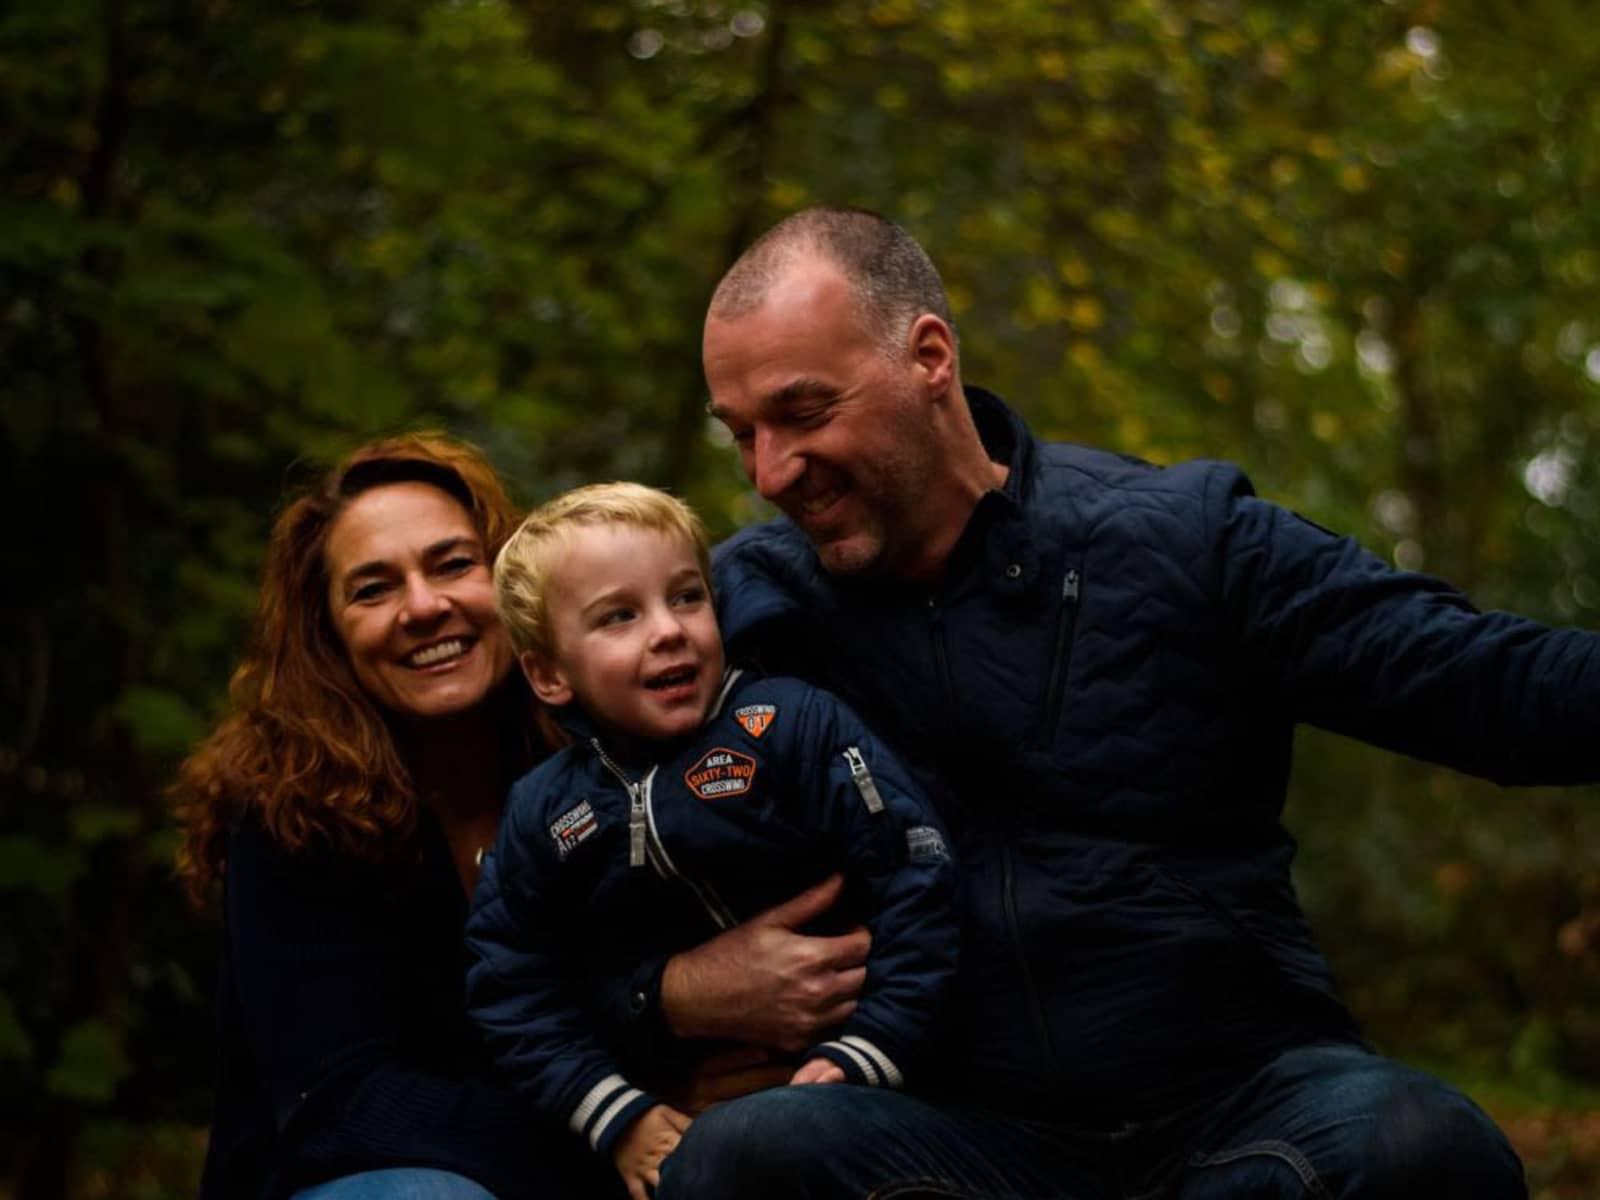 Amber & Jeroen from Nijmegen, Netherlands